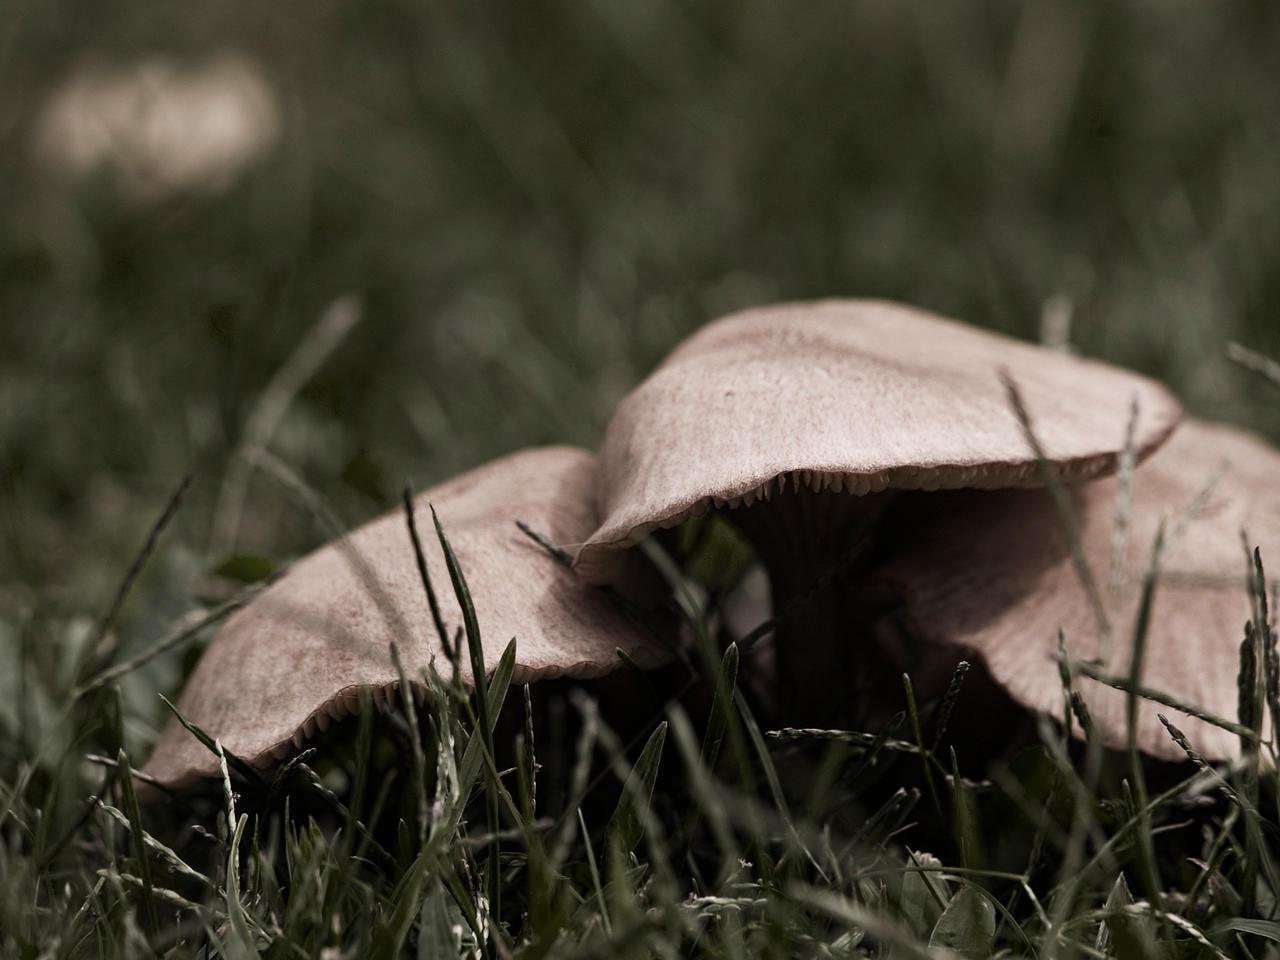 Mushroom Trees by FT69